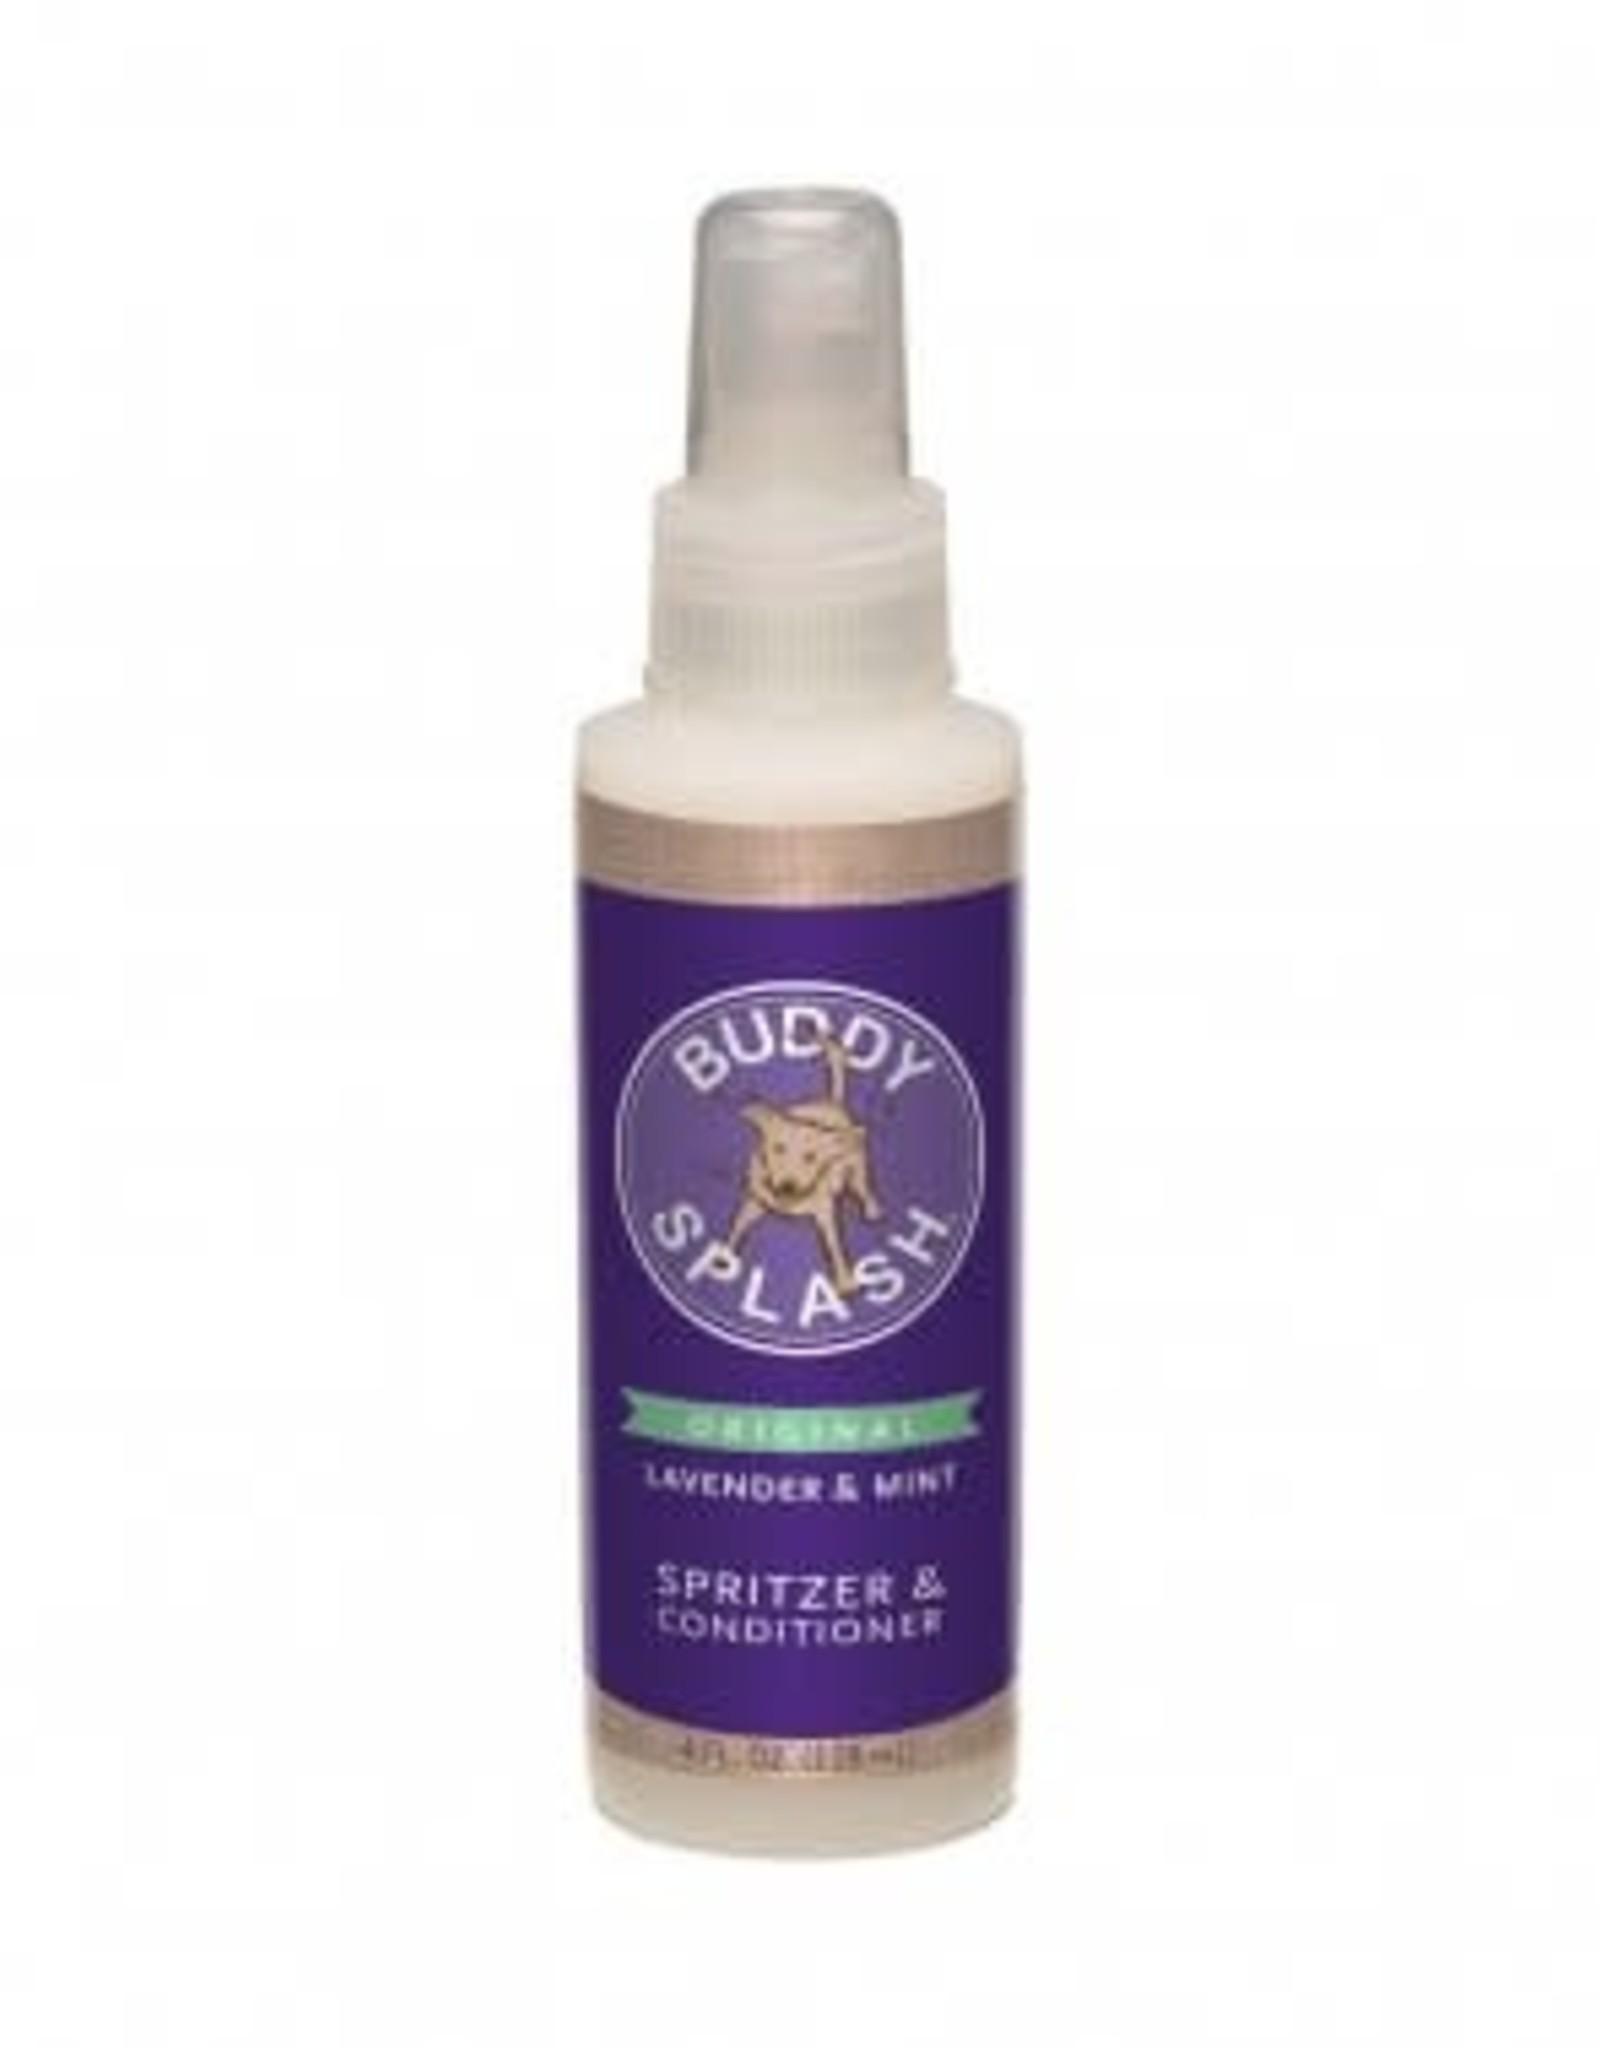 Buddy Splash Lavender Mint Spray 4oz